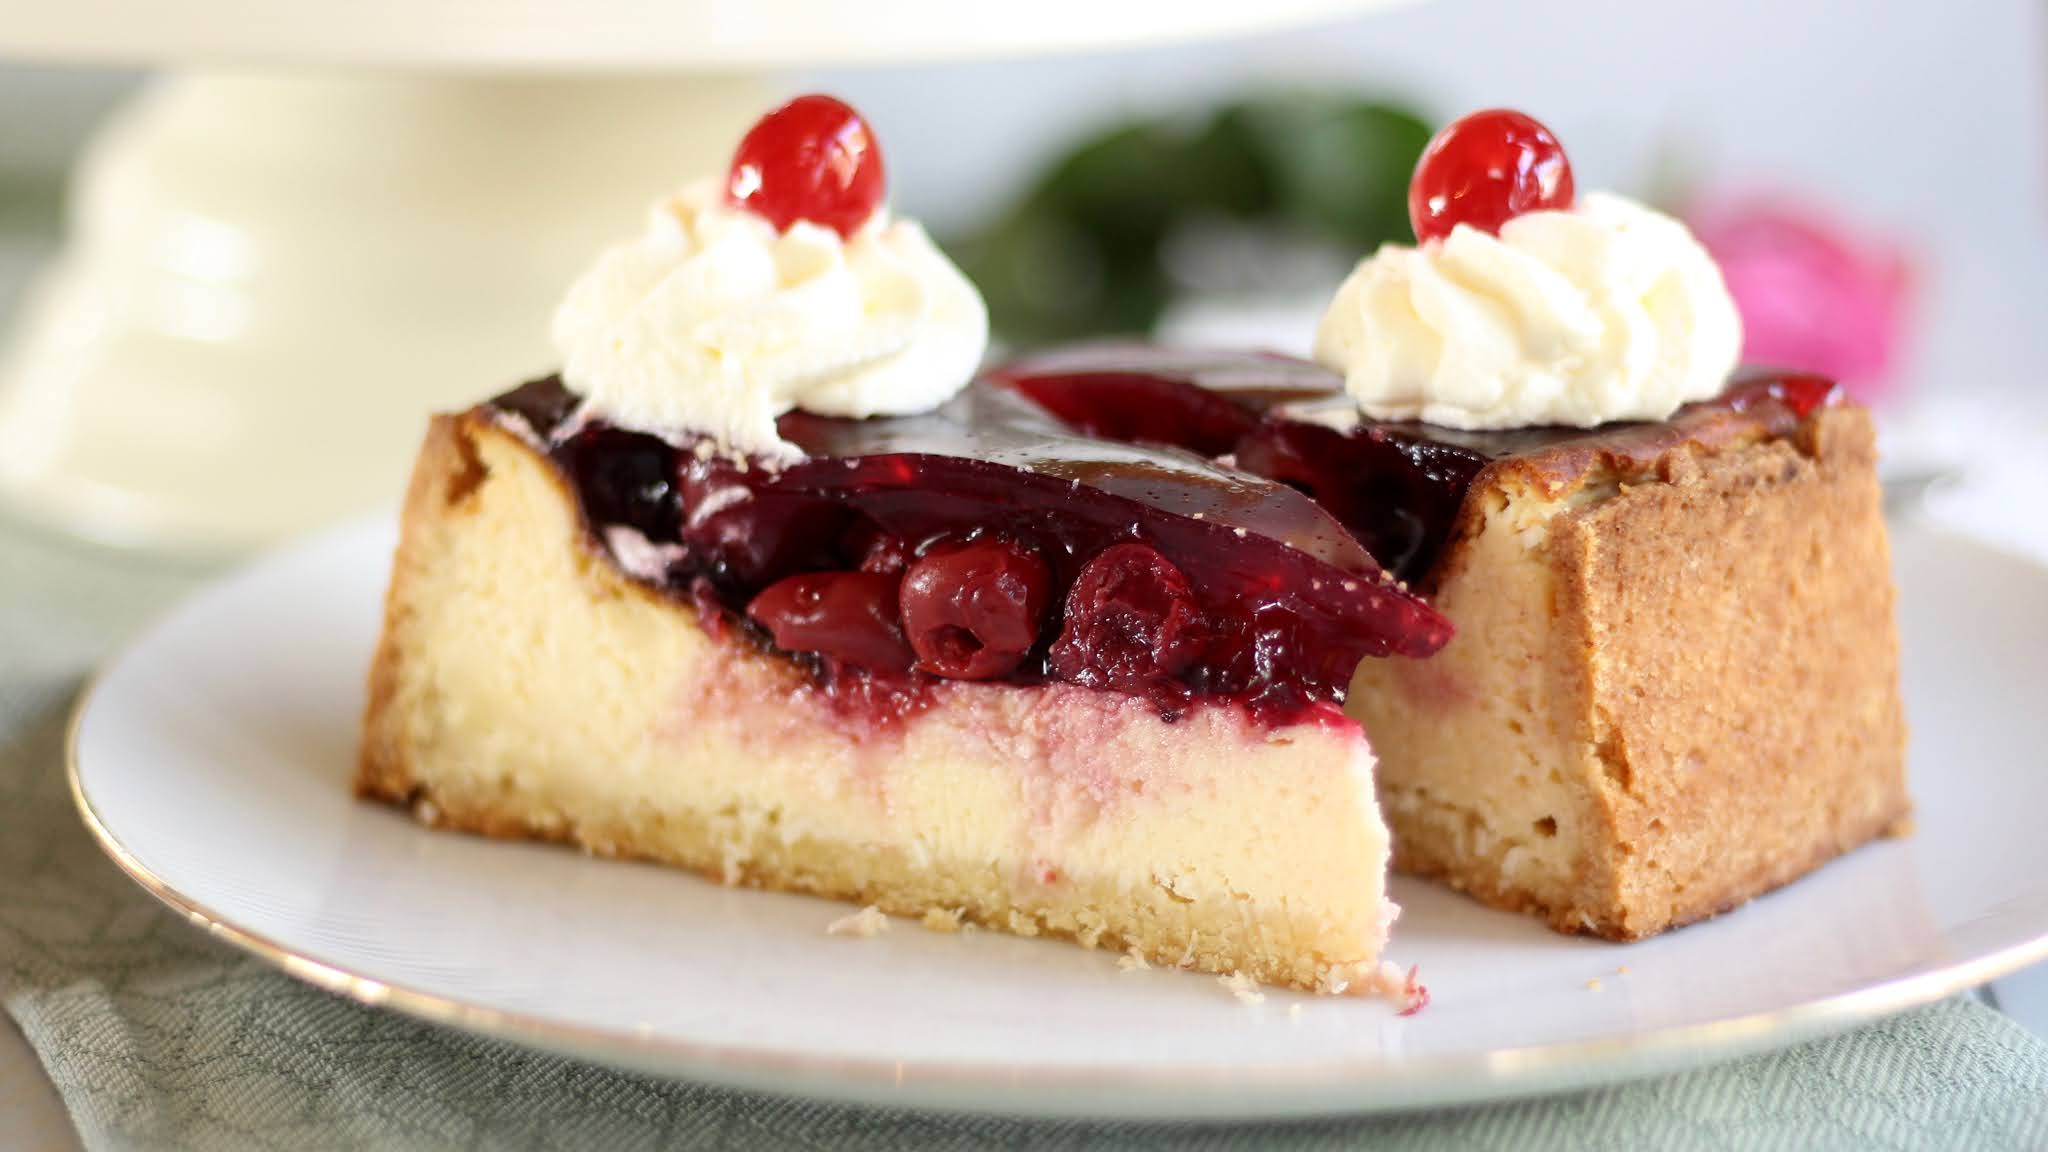 Raffinierte Kirschtorte mit Mascarpone-Quark-Creme | Kirsch-Kokos-Cheesecake | Rezept und Video